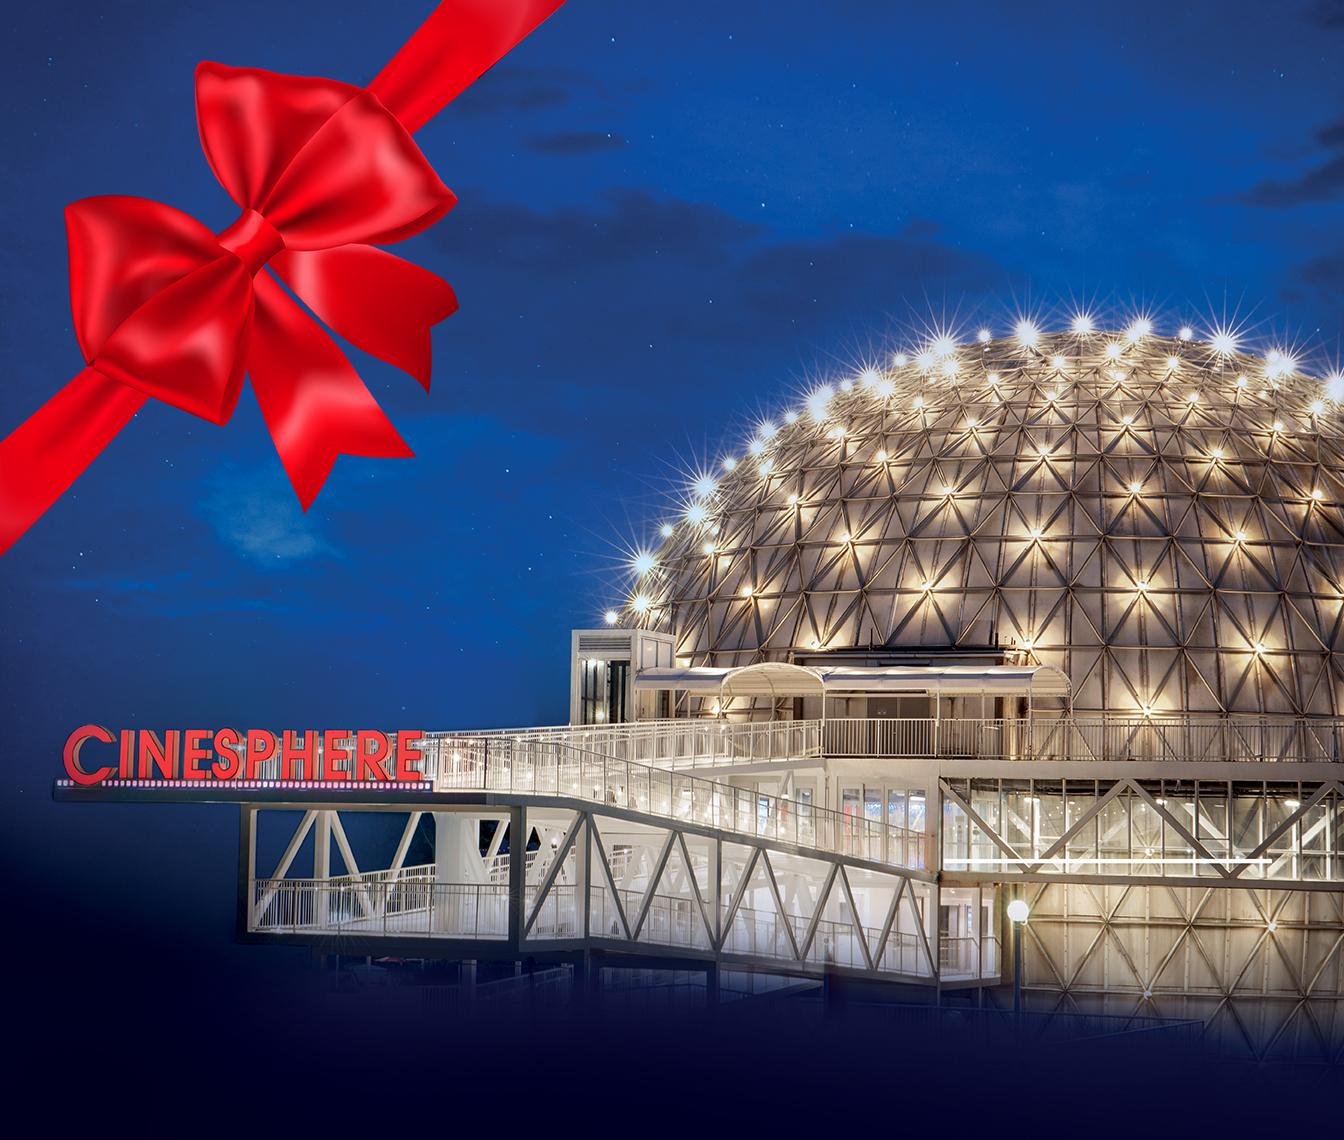 Propositions pour l'exposition Lumière en hiver, match de soccer diffusé à la Cinésphère, et bien plus encore!